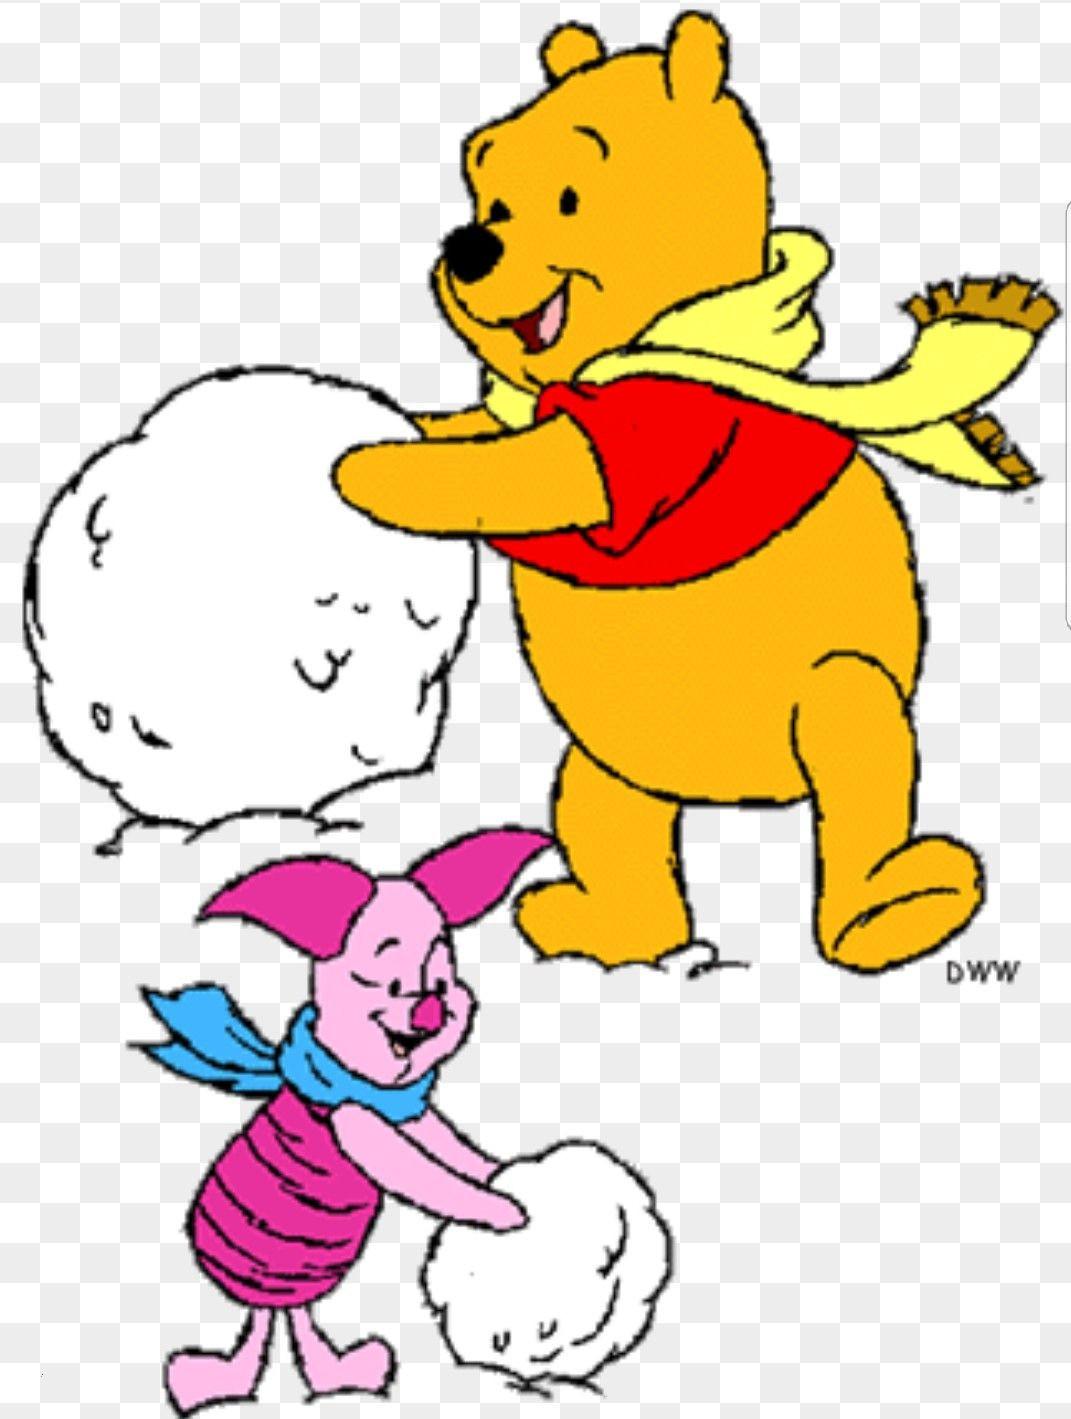 Winni Pooh Ausmalbilder Frisch Winnie Puuh Ausmalbilder Best Winnie Pooh Ferkel Baby Malvorlagen Sammlung